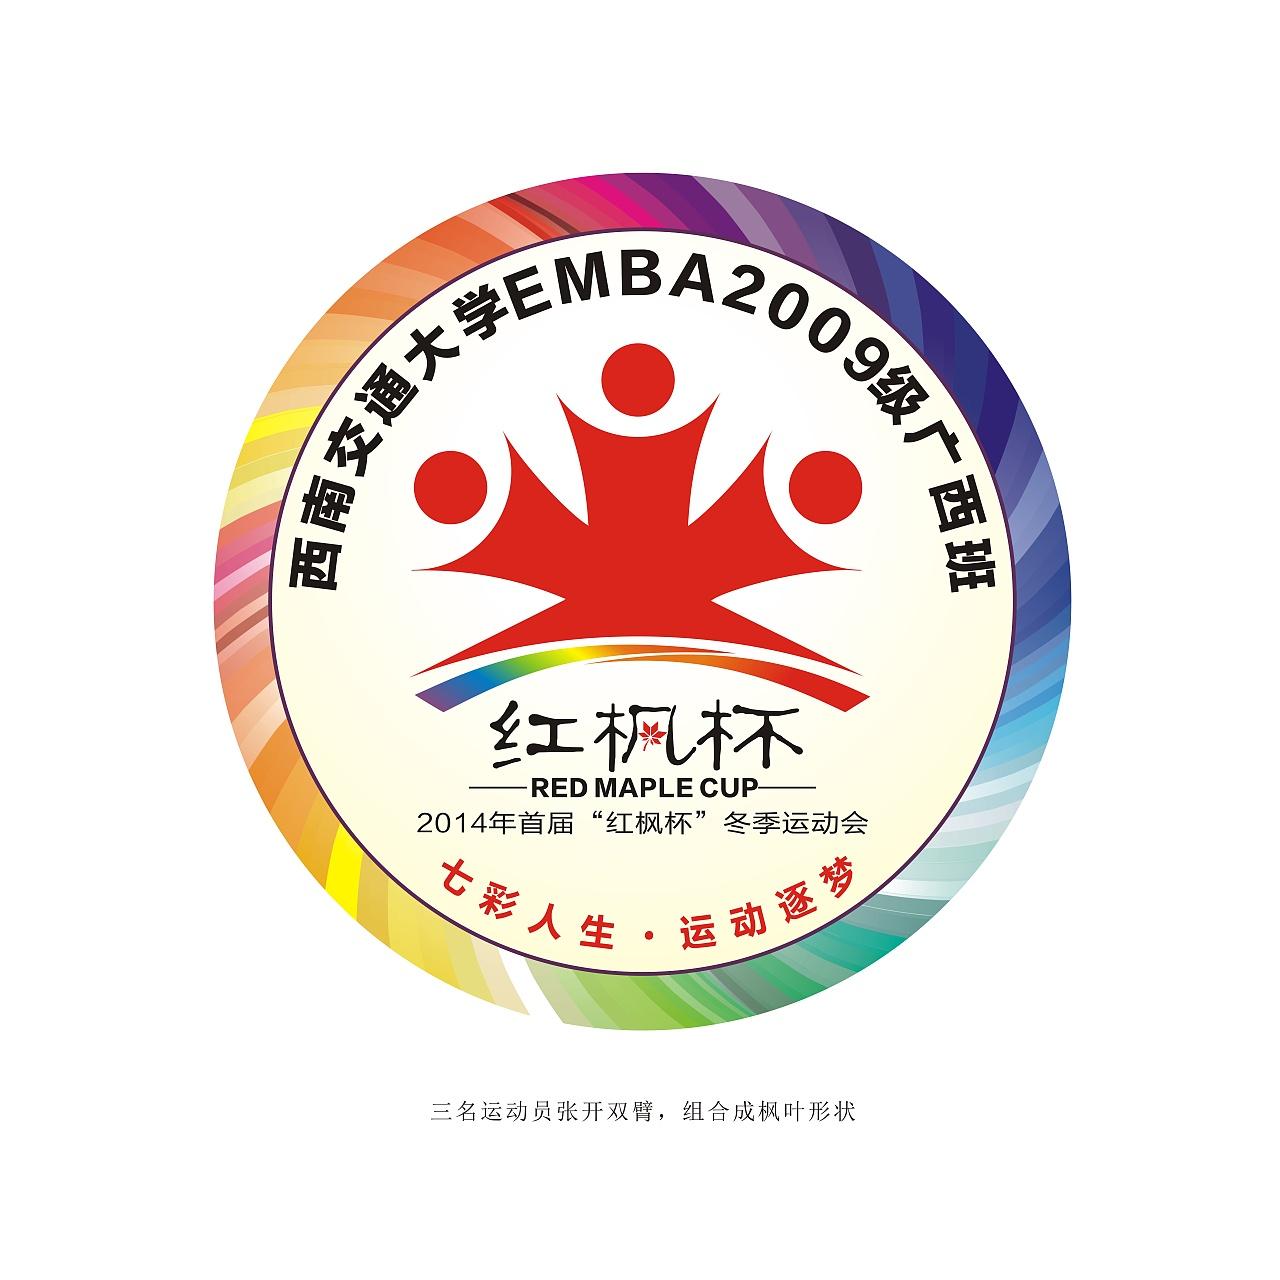 运动会标志 logo